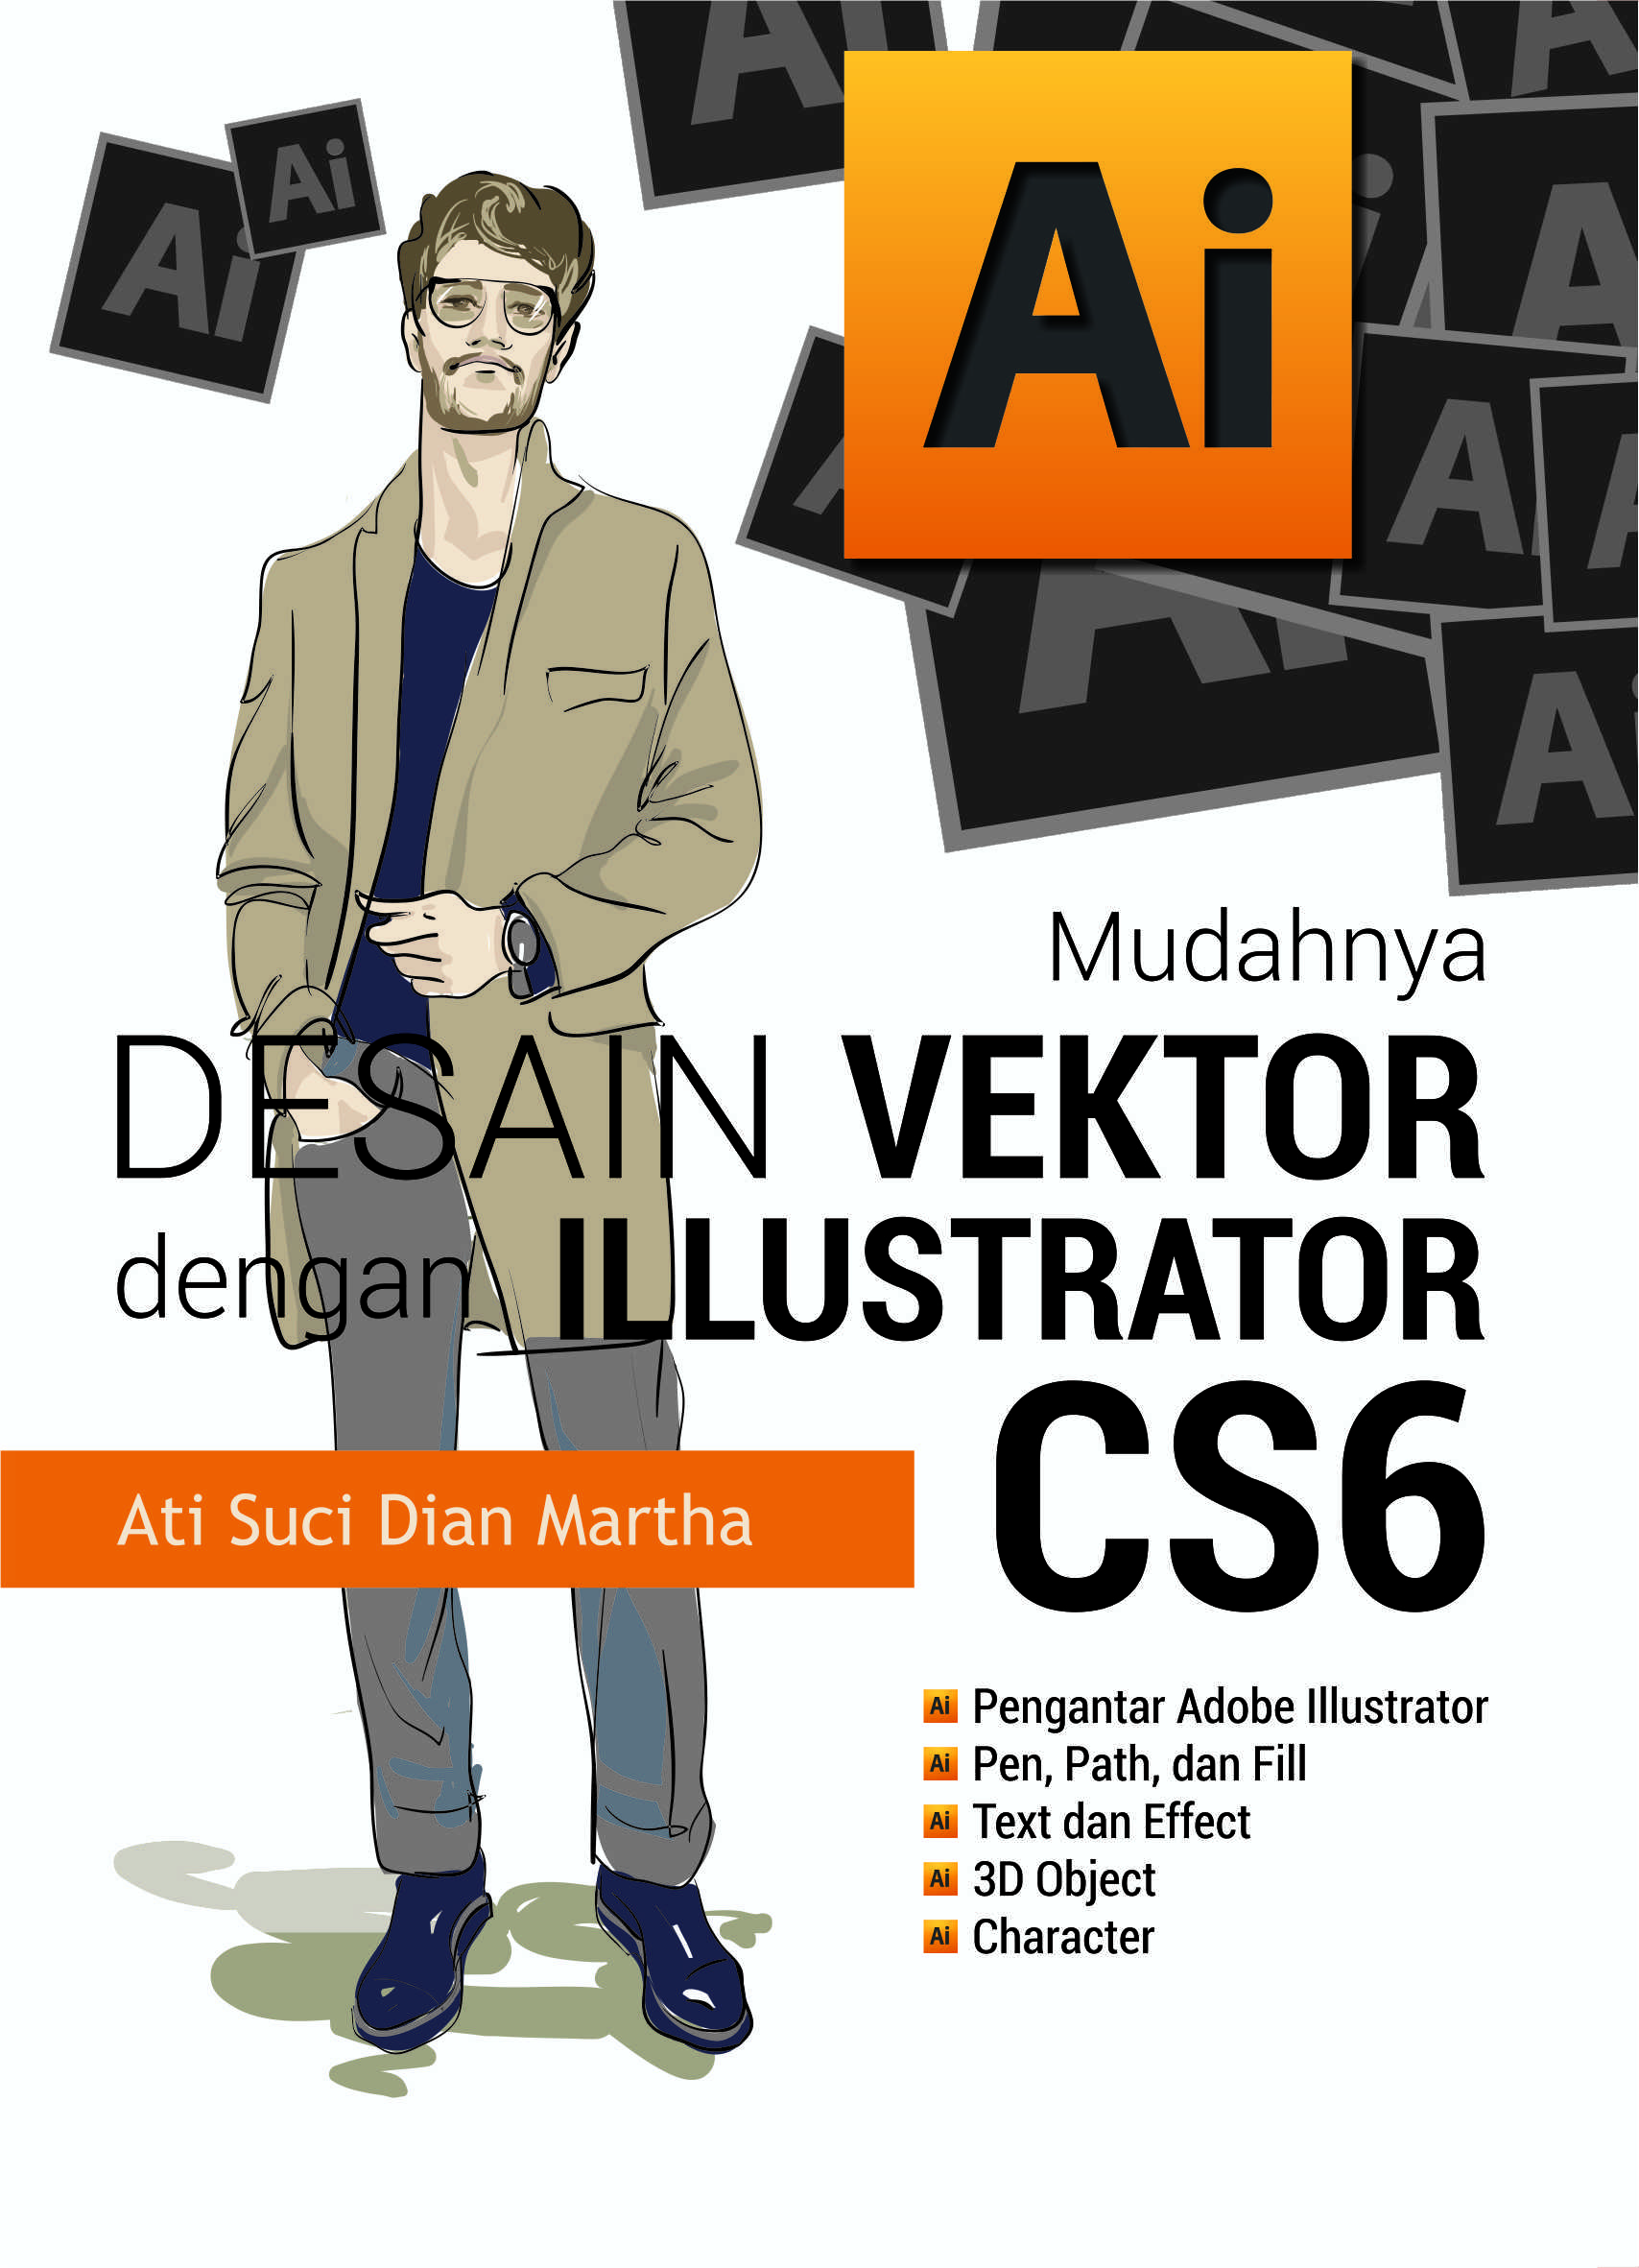 Mudahnya desain vektor dengan illustrator CS6 [sumber elektronis]